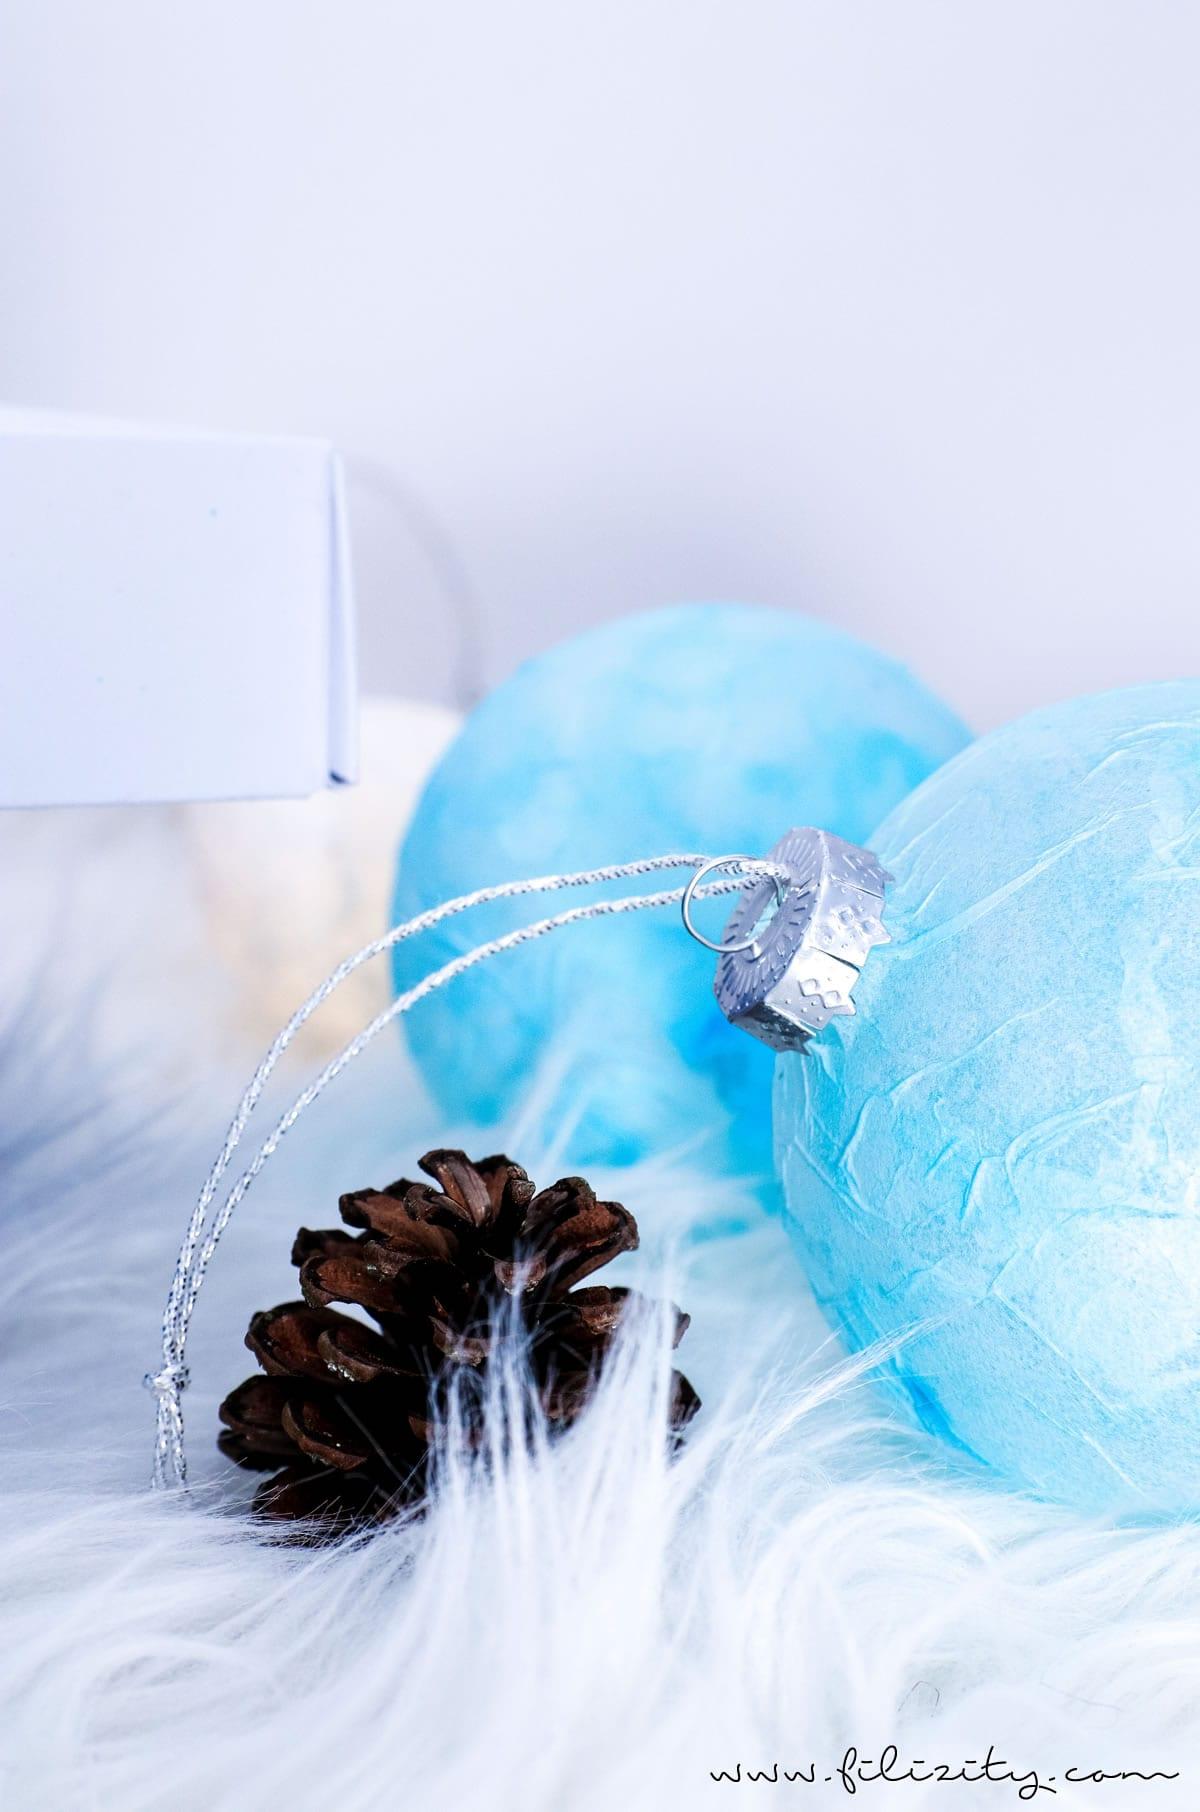 3 weihnachtliche DIY-Ideen mit Taschentüchern | Christbaumkugeln mit Serviettentechnik | Filizity.com | DIY-Blog aus dem Rheinland #weihnachten #weihnachtsdeko #tempo